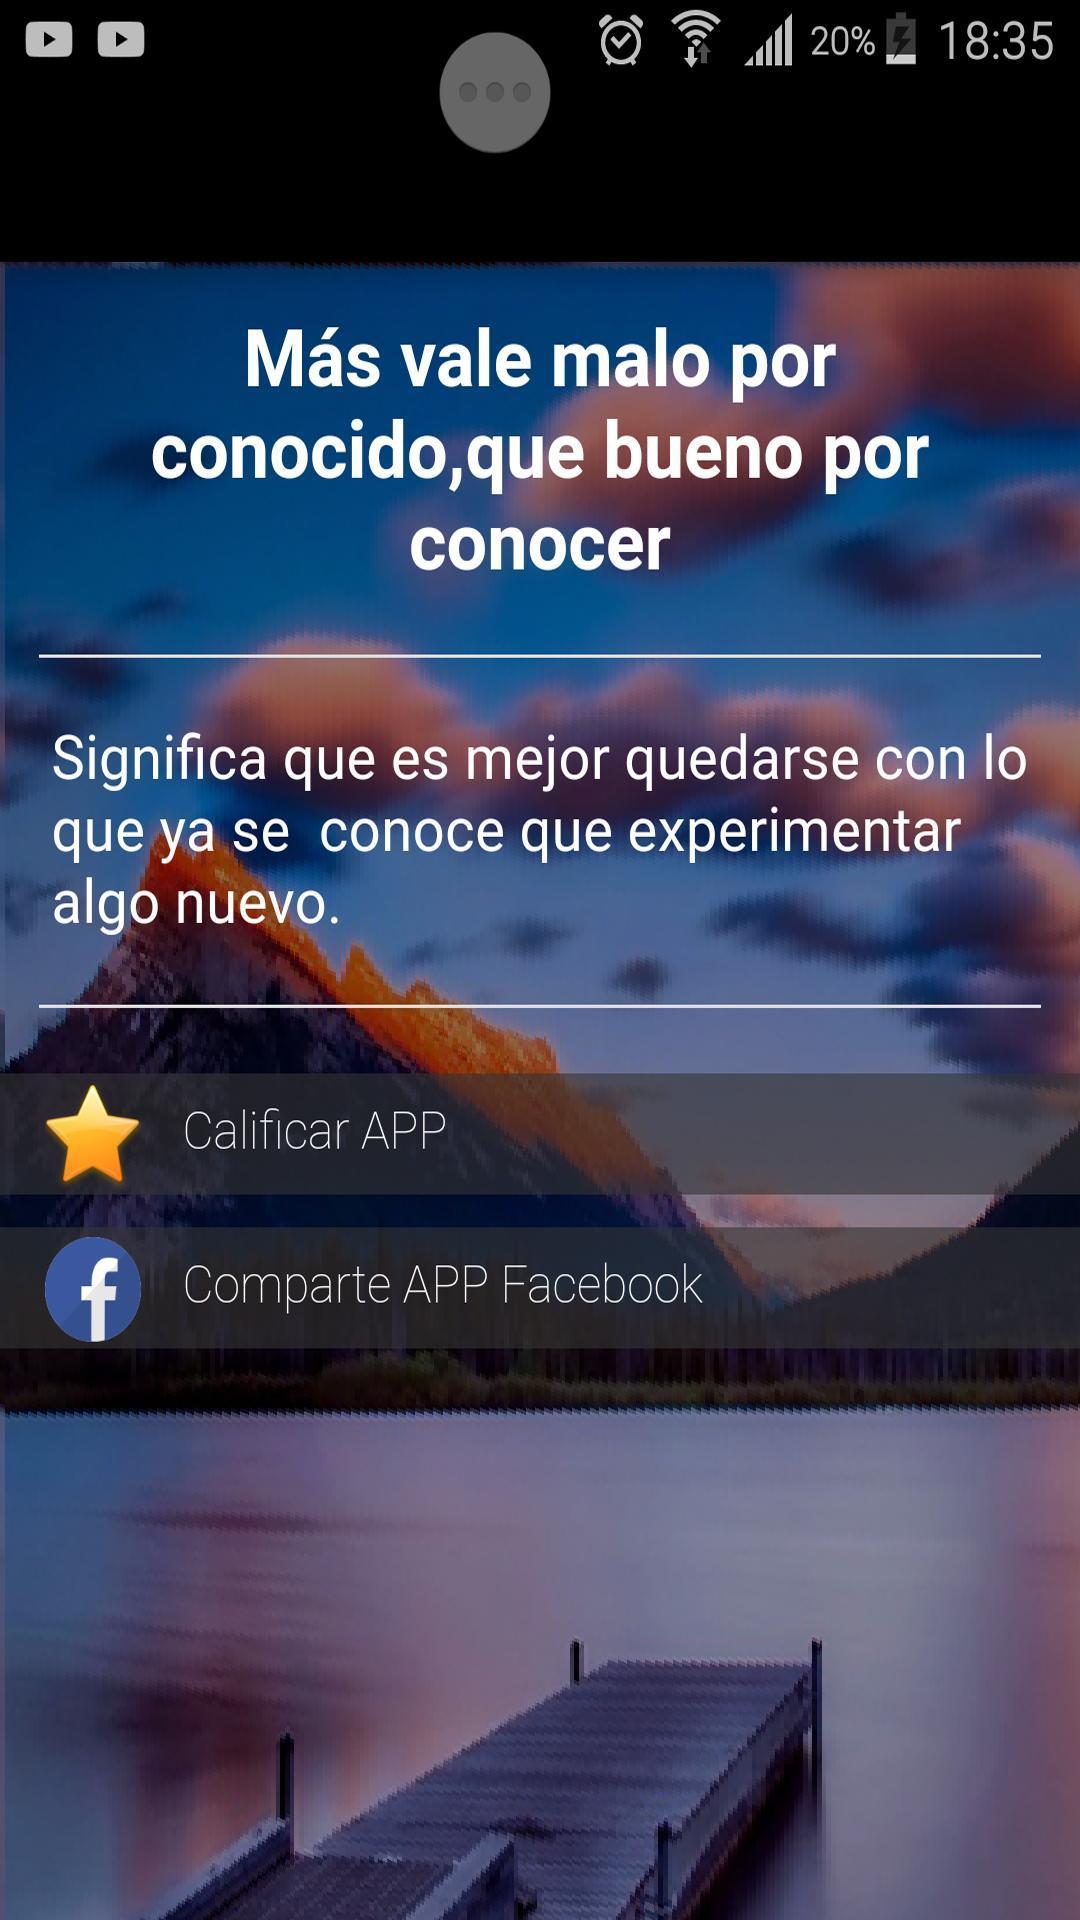 Refranes Populares Y Dichos Cortos Con Significado Pour Android Téléchargez L Apk